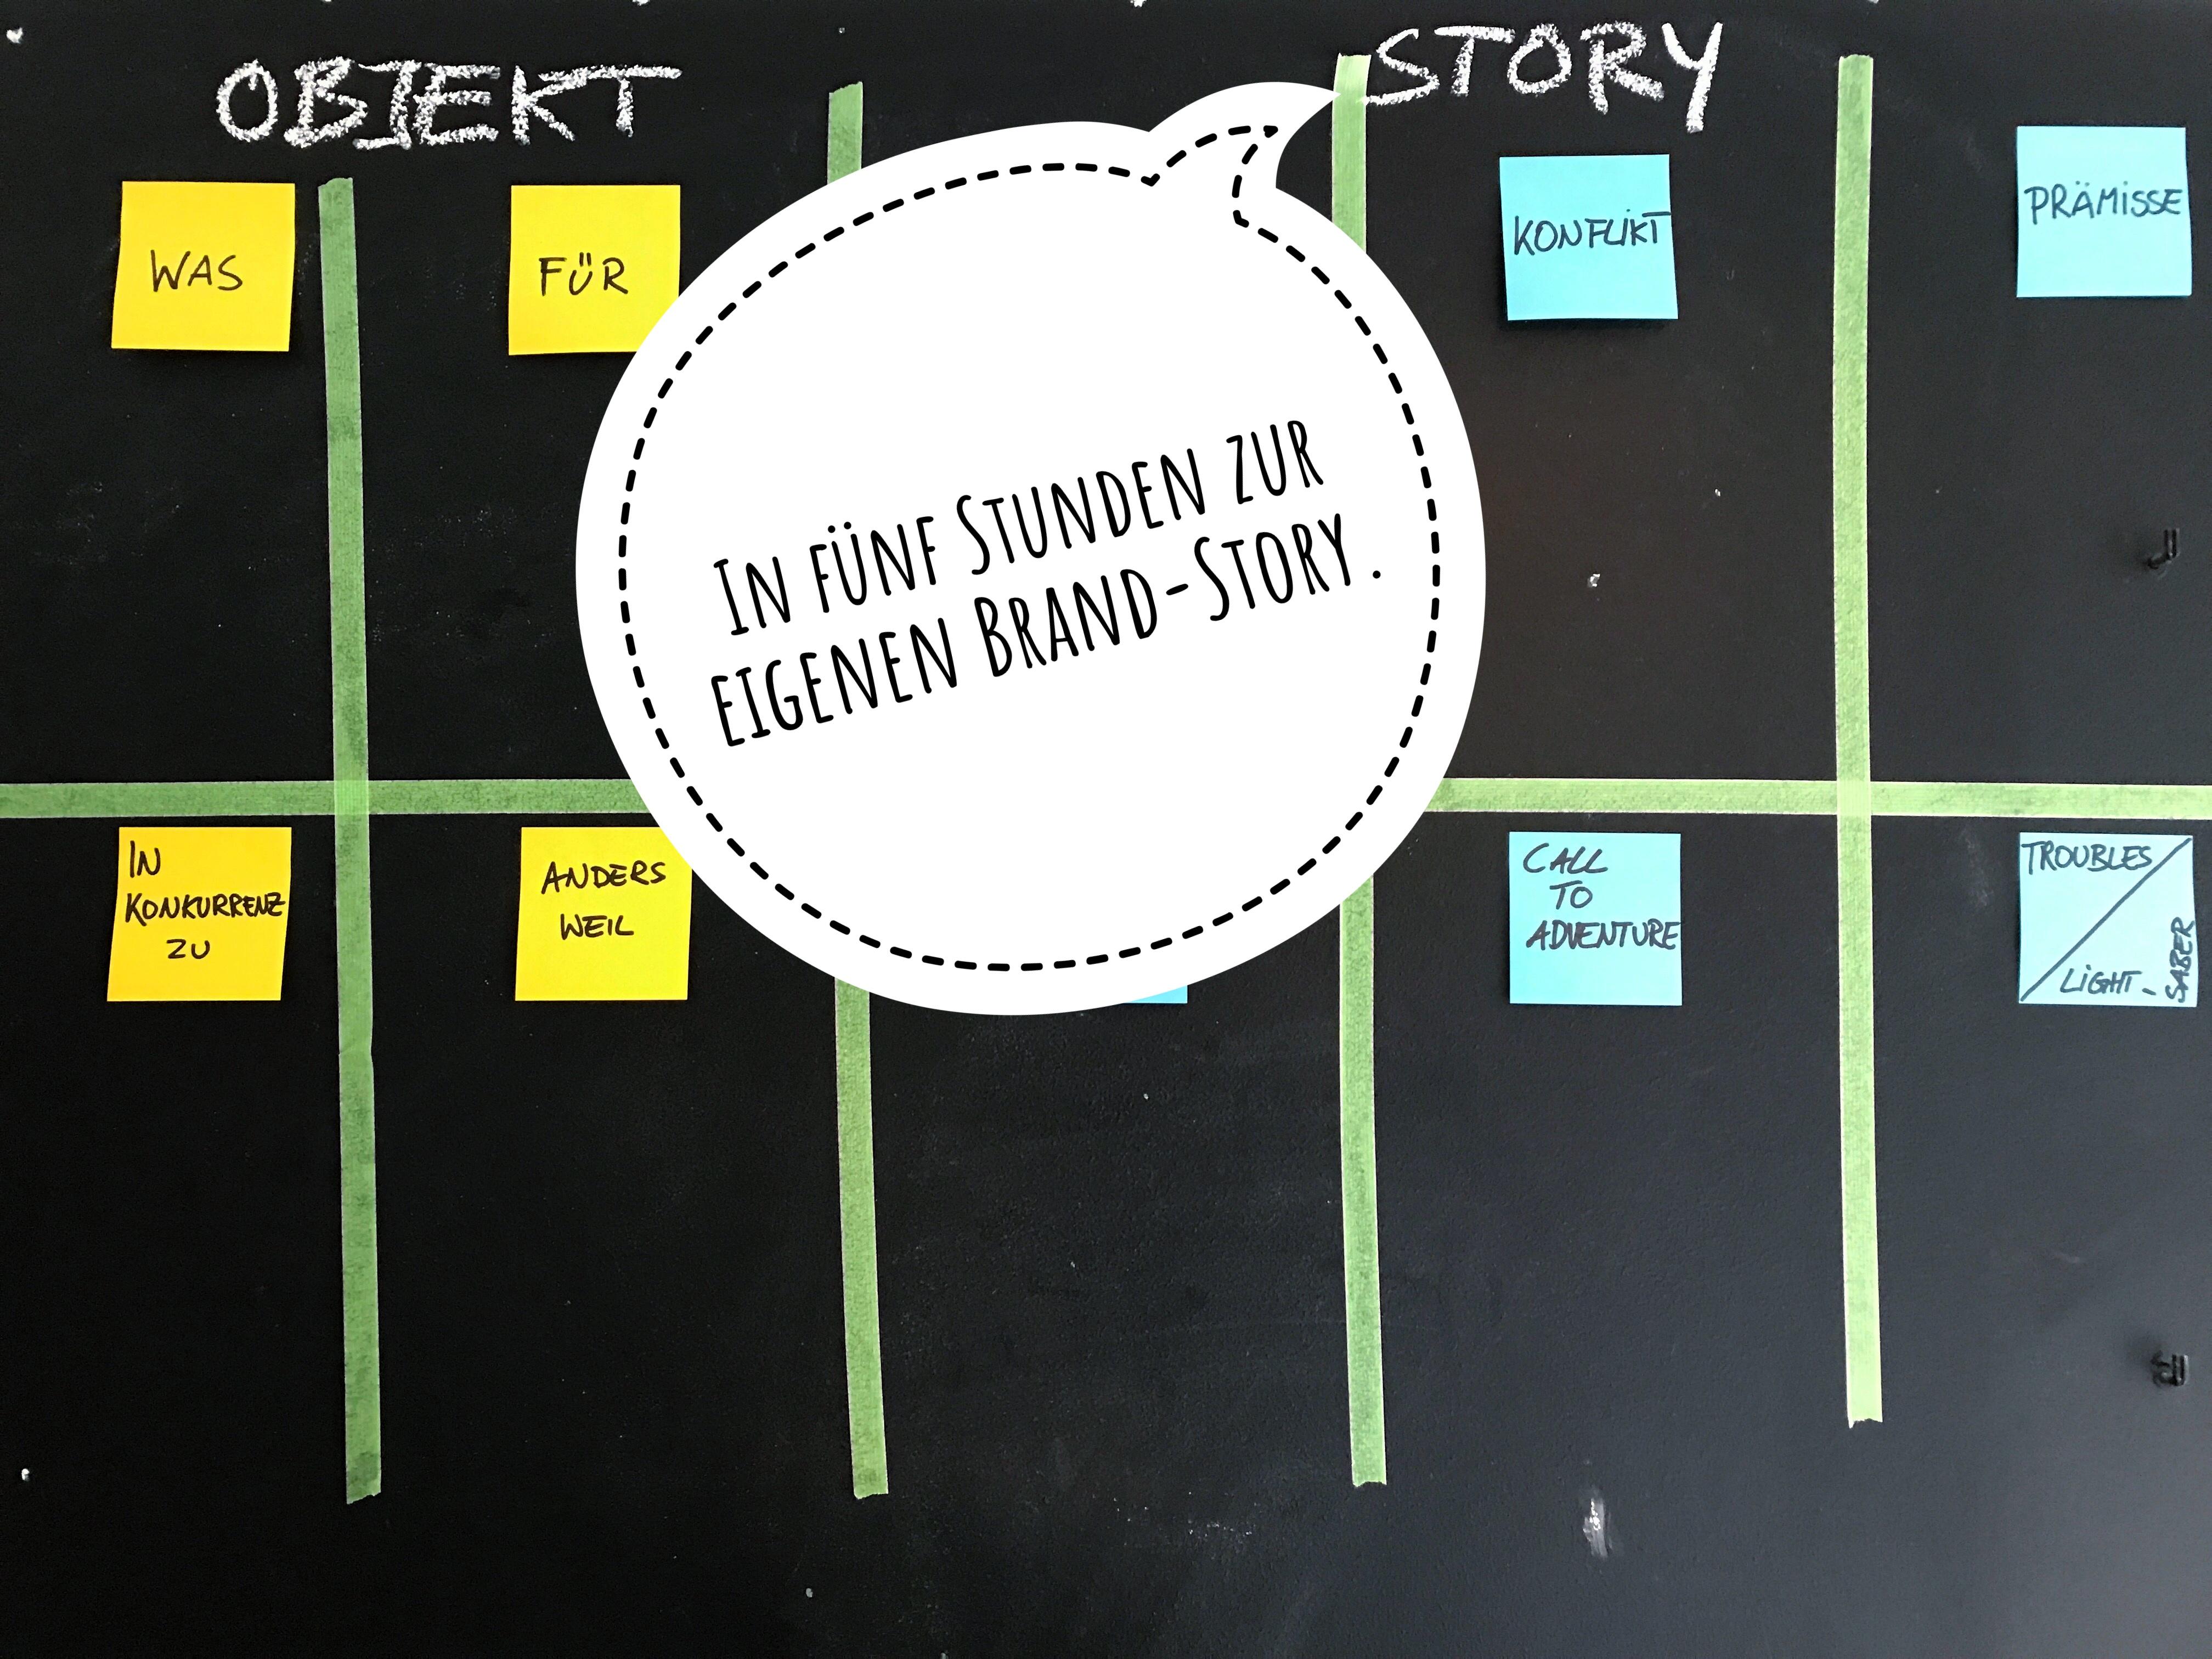 Der Core-Story-Canvas: In fünf Stunden zur eigenen Brand-Story.